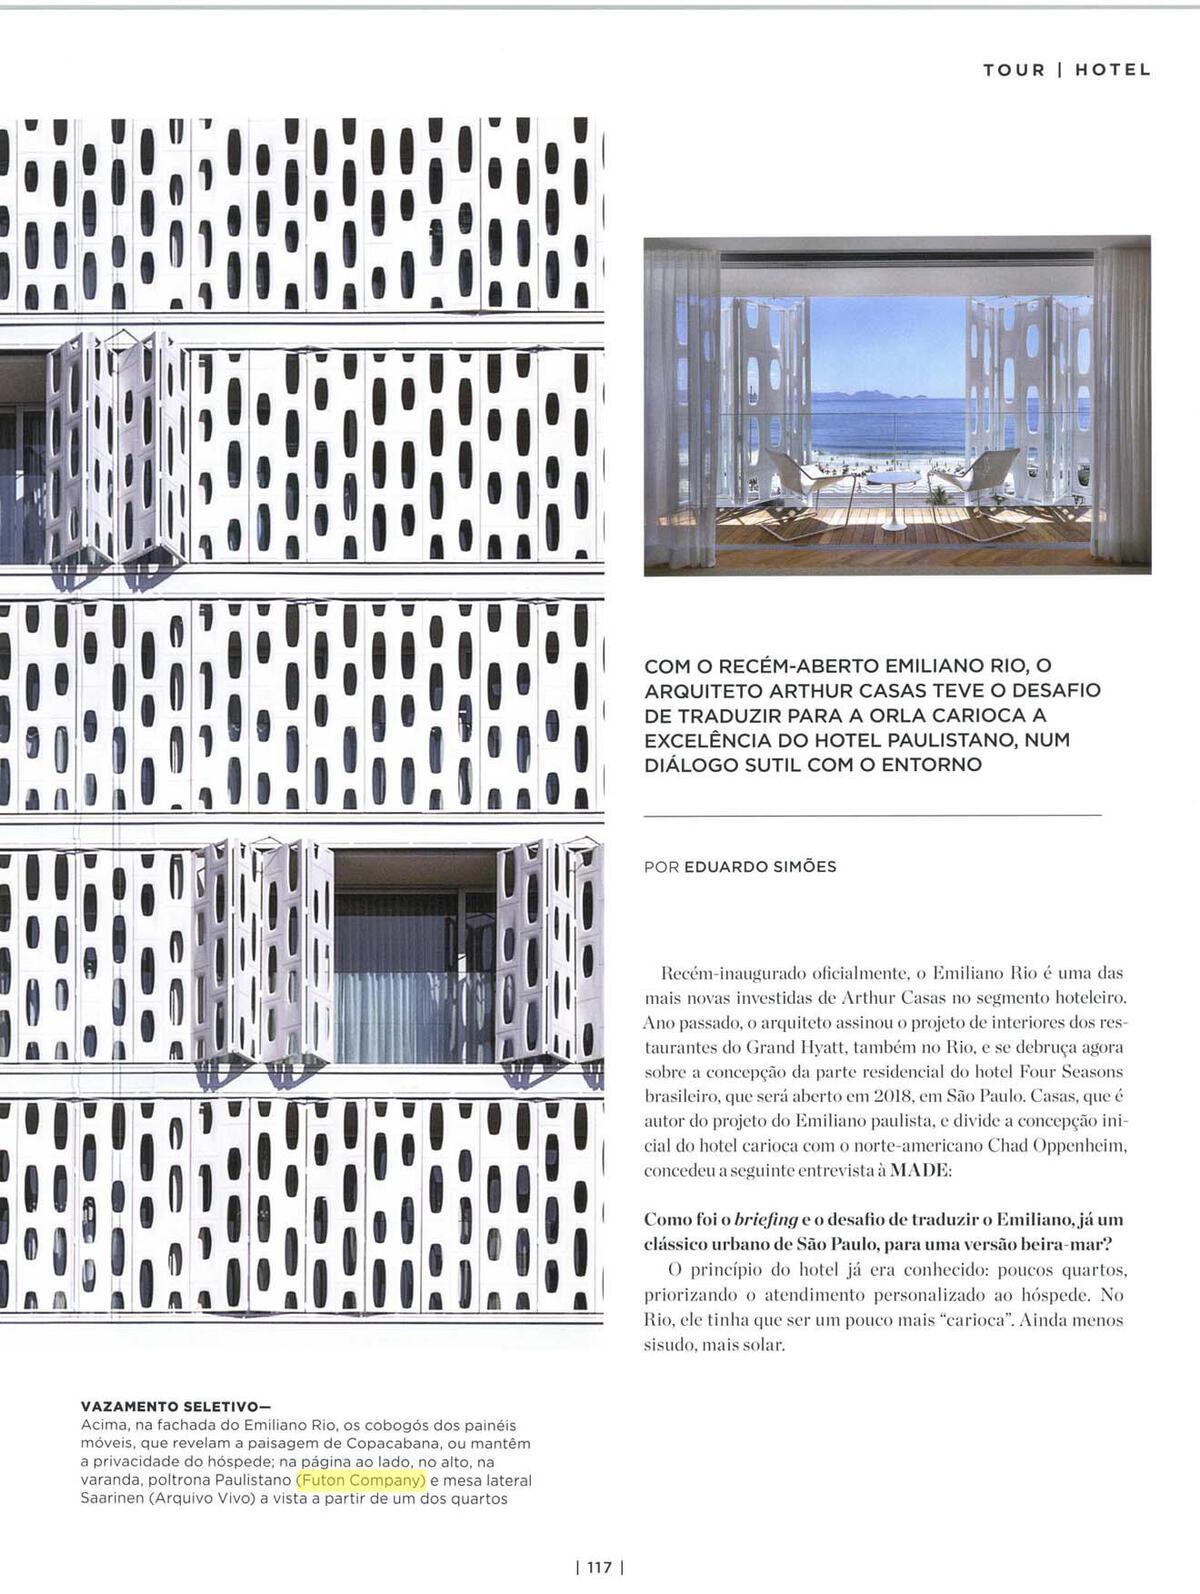 Poltronas Paulistano brancas (com capa de Sunbrella®), nas suites do hotel Emiliano no Rio (projeto Arthur Casa